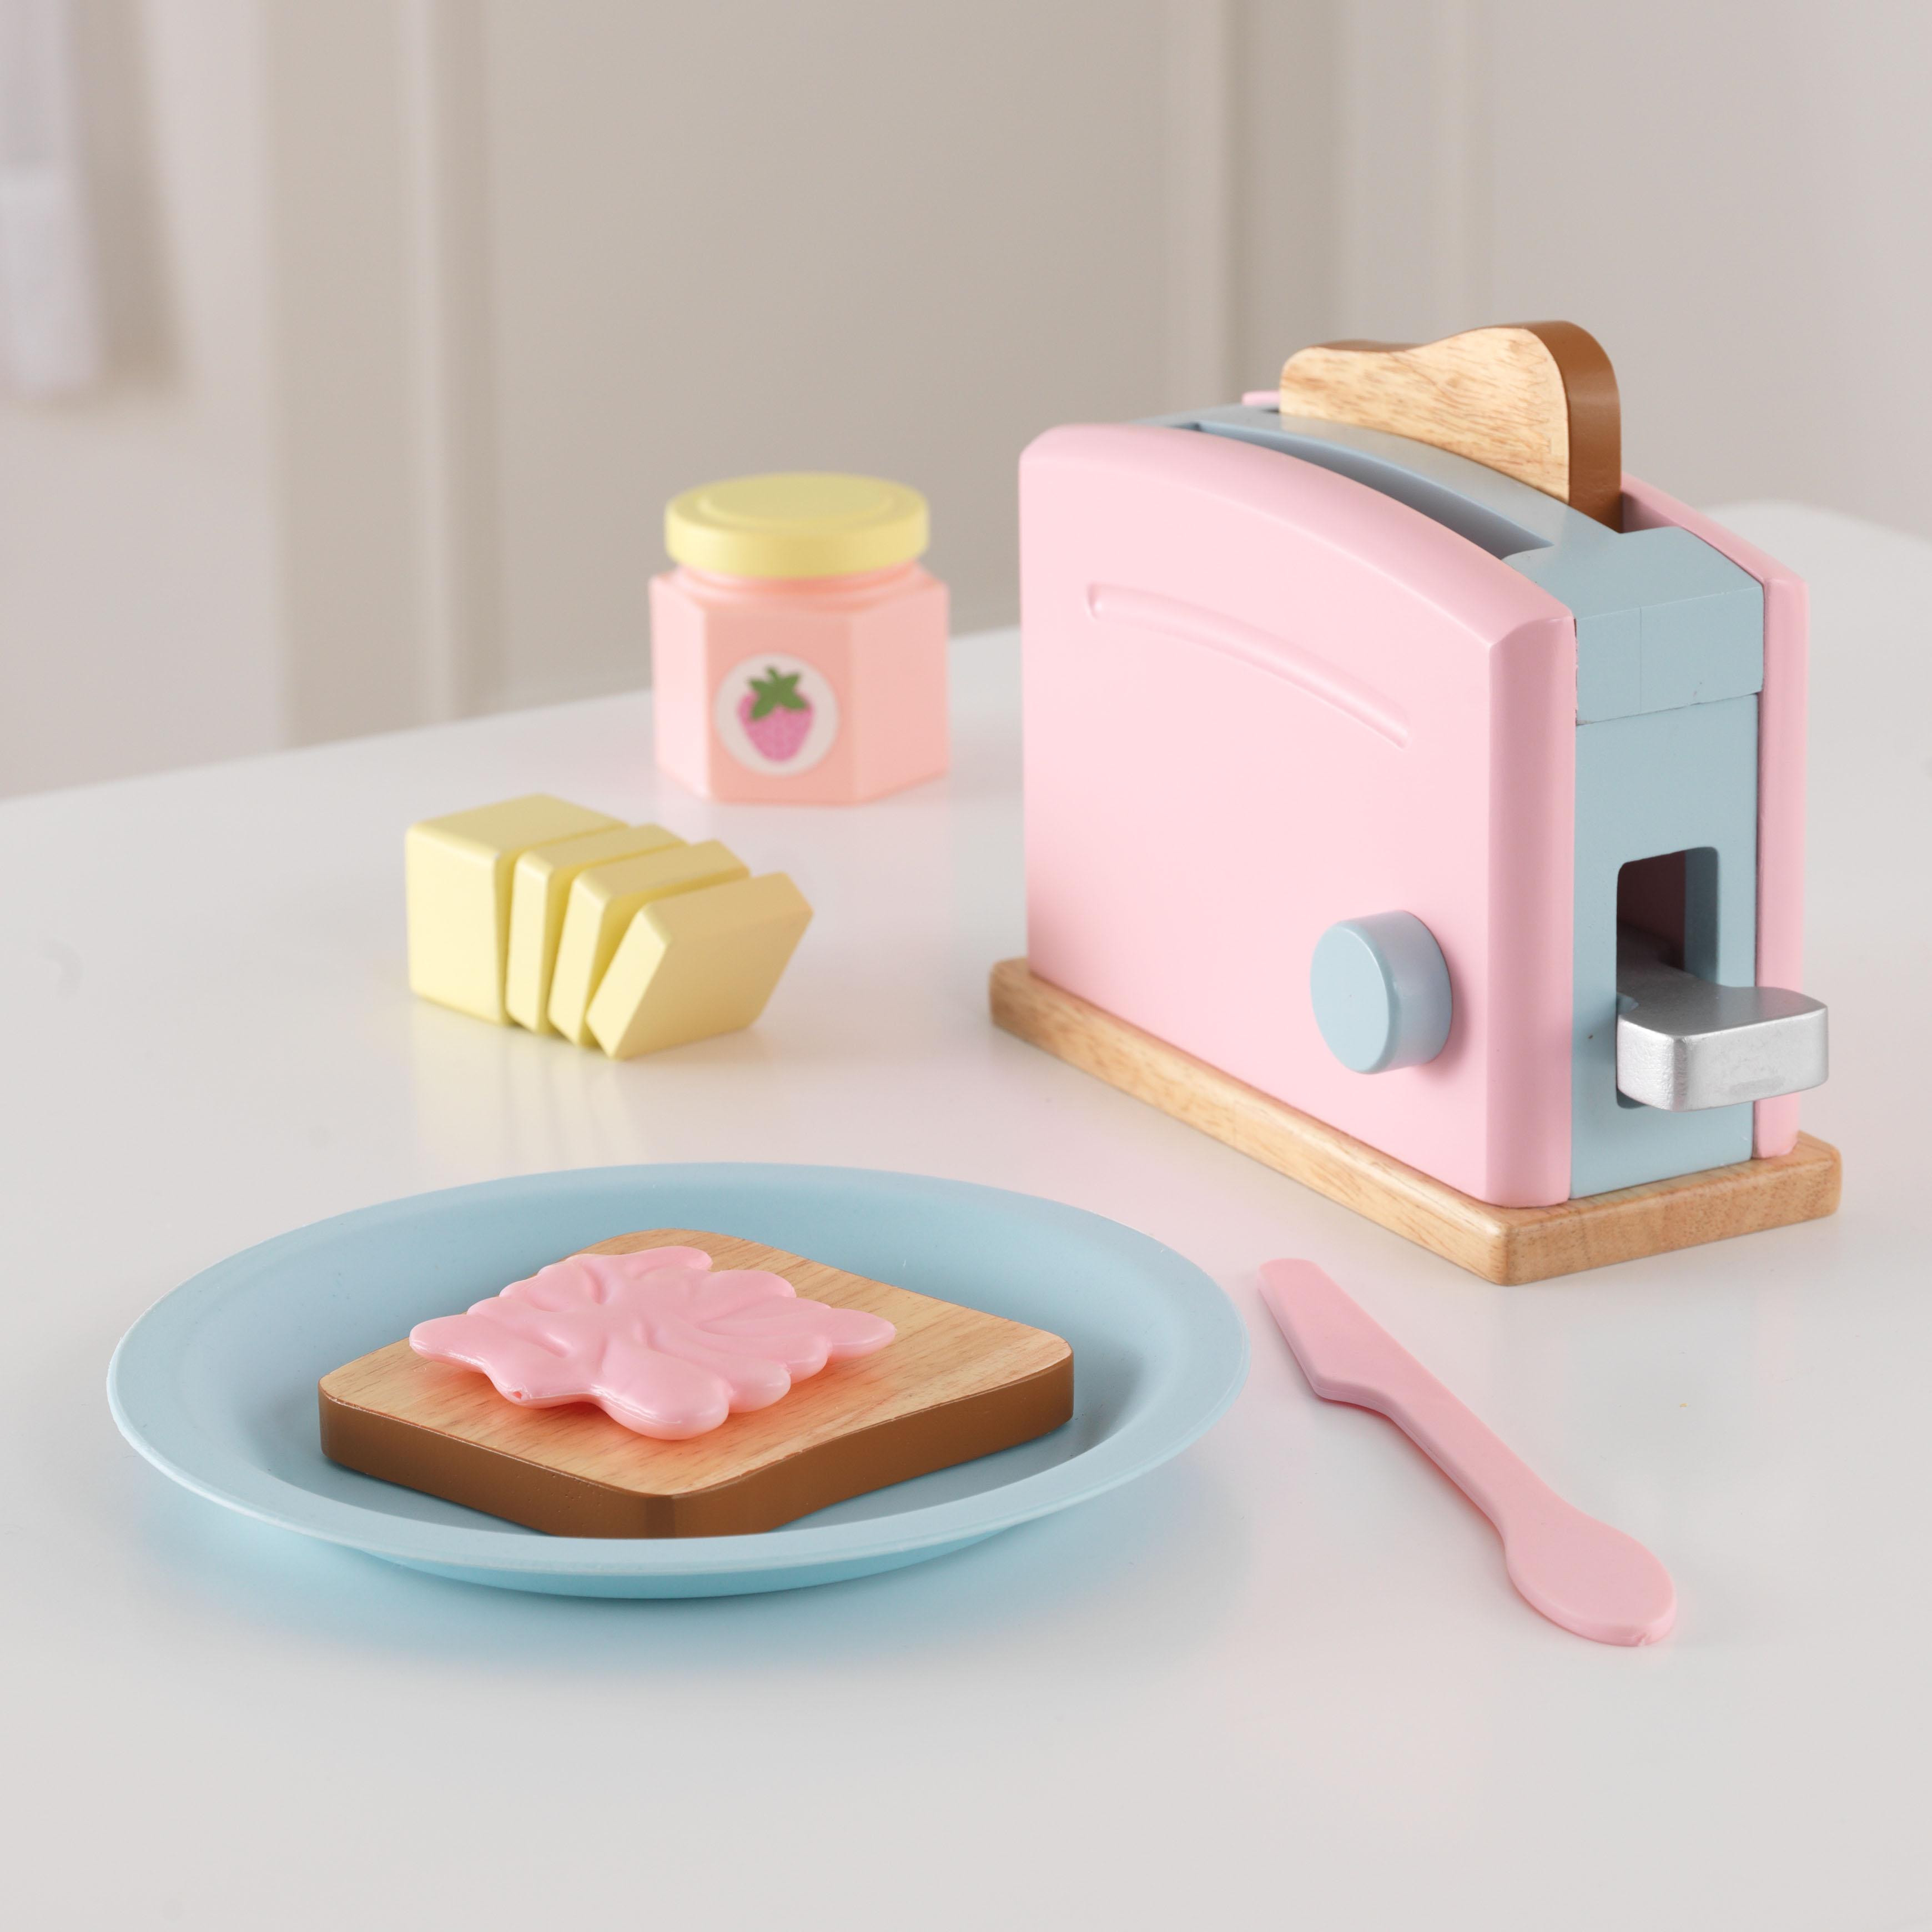 Kidkraft Pastel Toaster